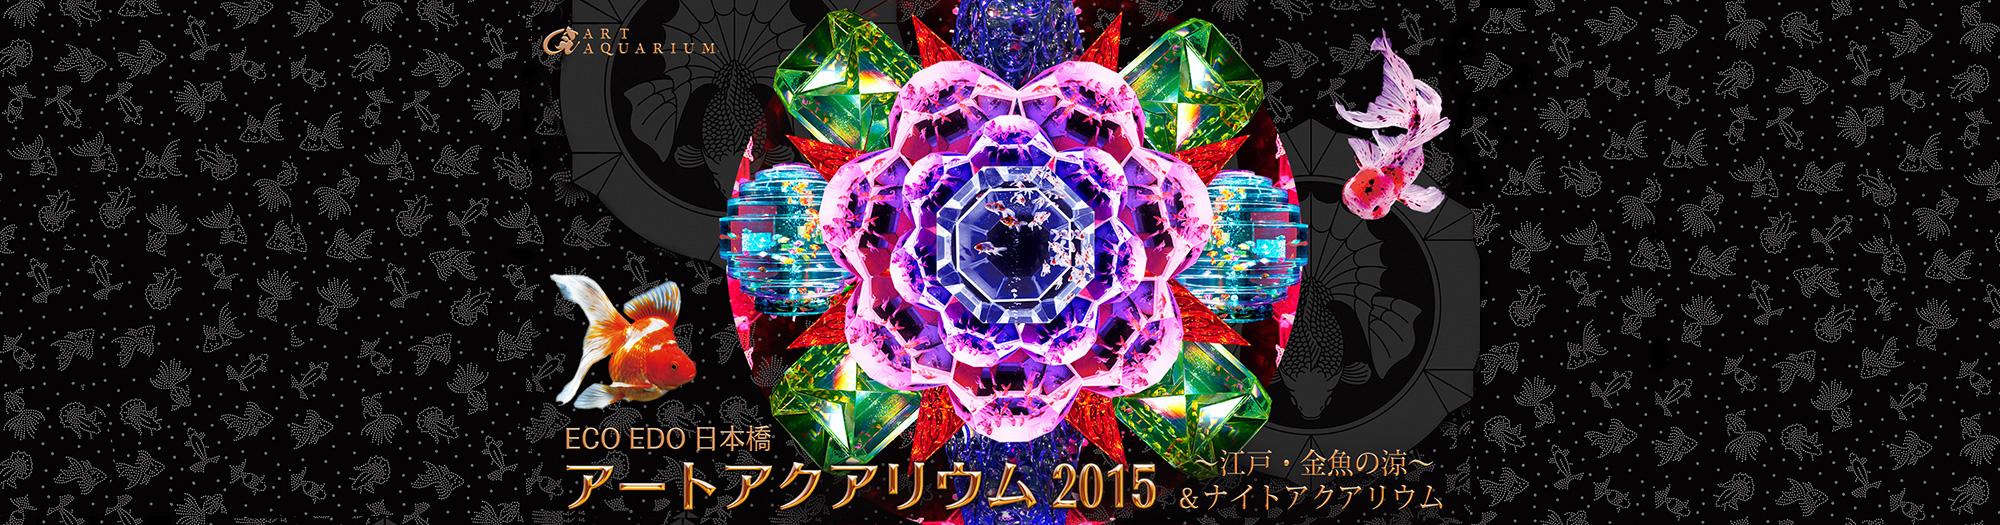 東京・日本橋でアートアクアリウム2015~江戸・金魚の涼~&ナイトアクアリウムを開催中。詳細不明だけどWEBページのデザインが良いだけで、デートに行きたくなる良い例。~9/23。